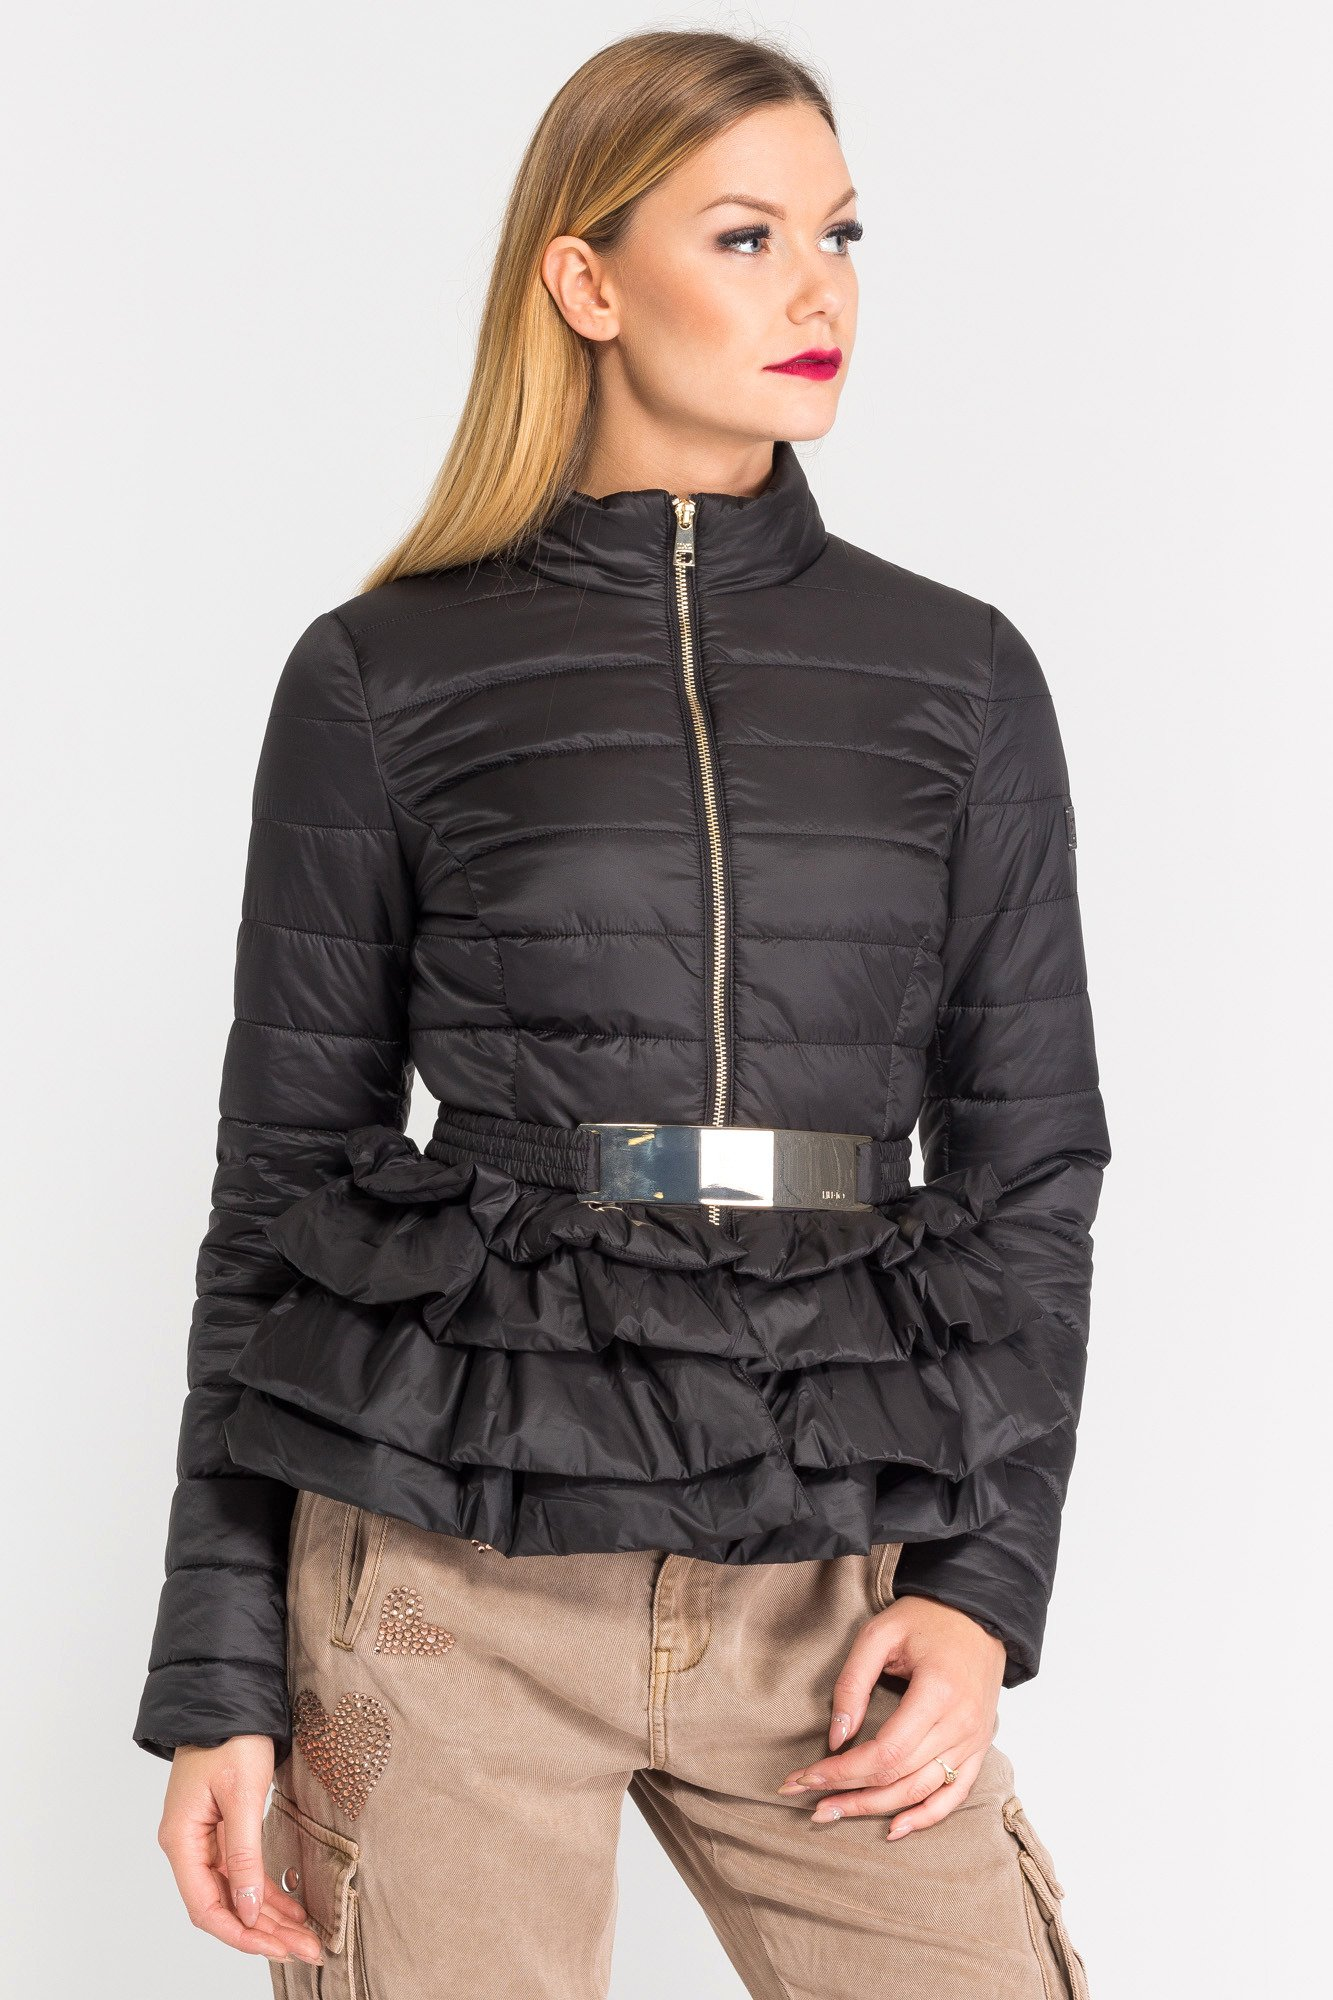 czarna kurtka z baskink� markowa odzież w sklepie velpapl